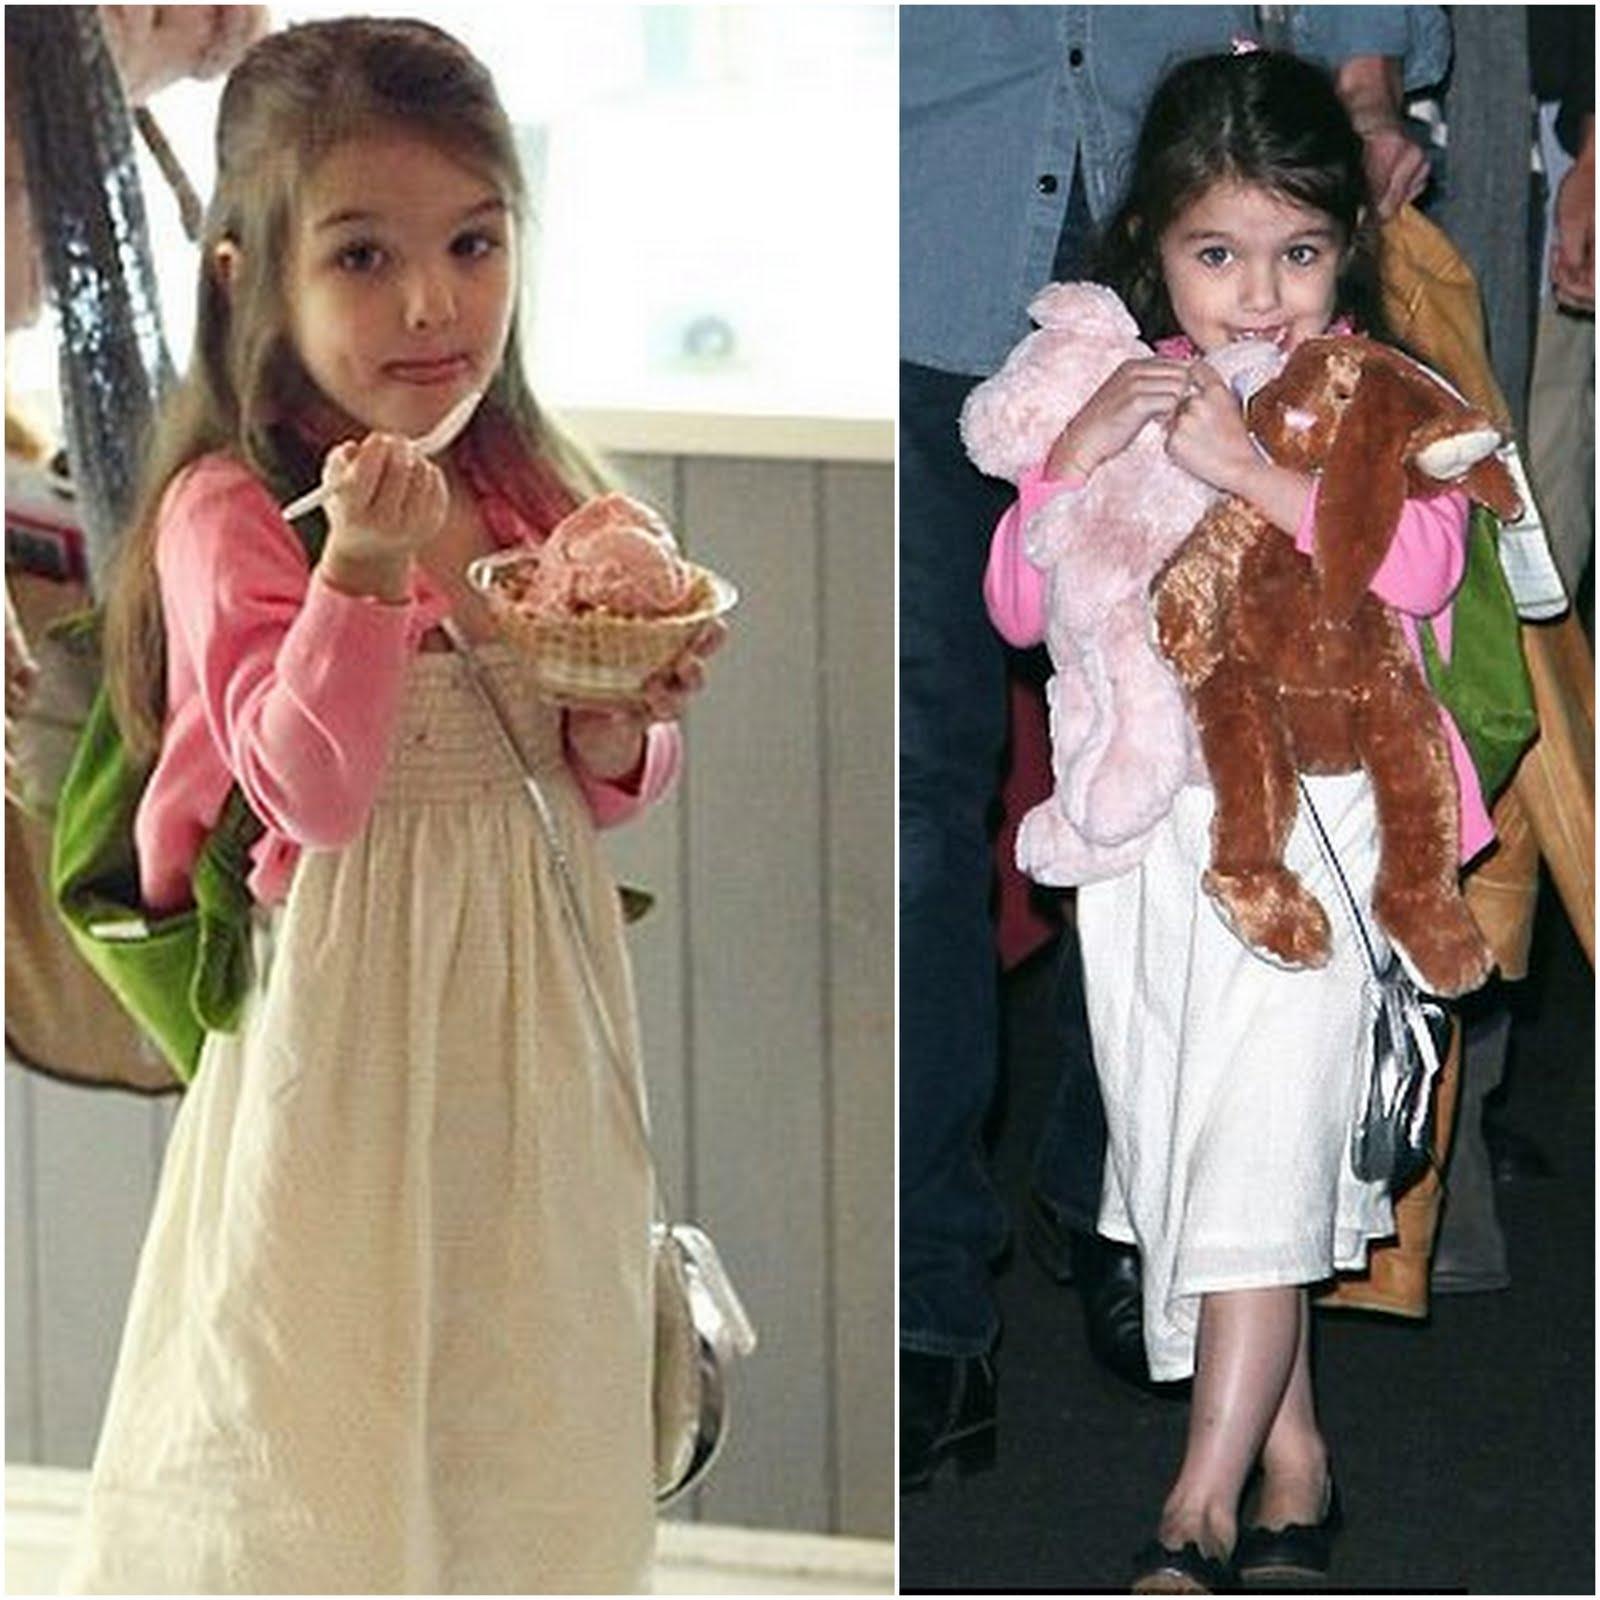 http://2.bp.blogspot.com/_pXNLY6HB8eU/S_uYMqlSMfI/AAAAAAABZUk/qr5EV7yIBjY/s1600/Pictures1.jpg